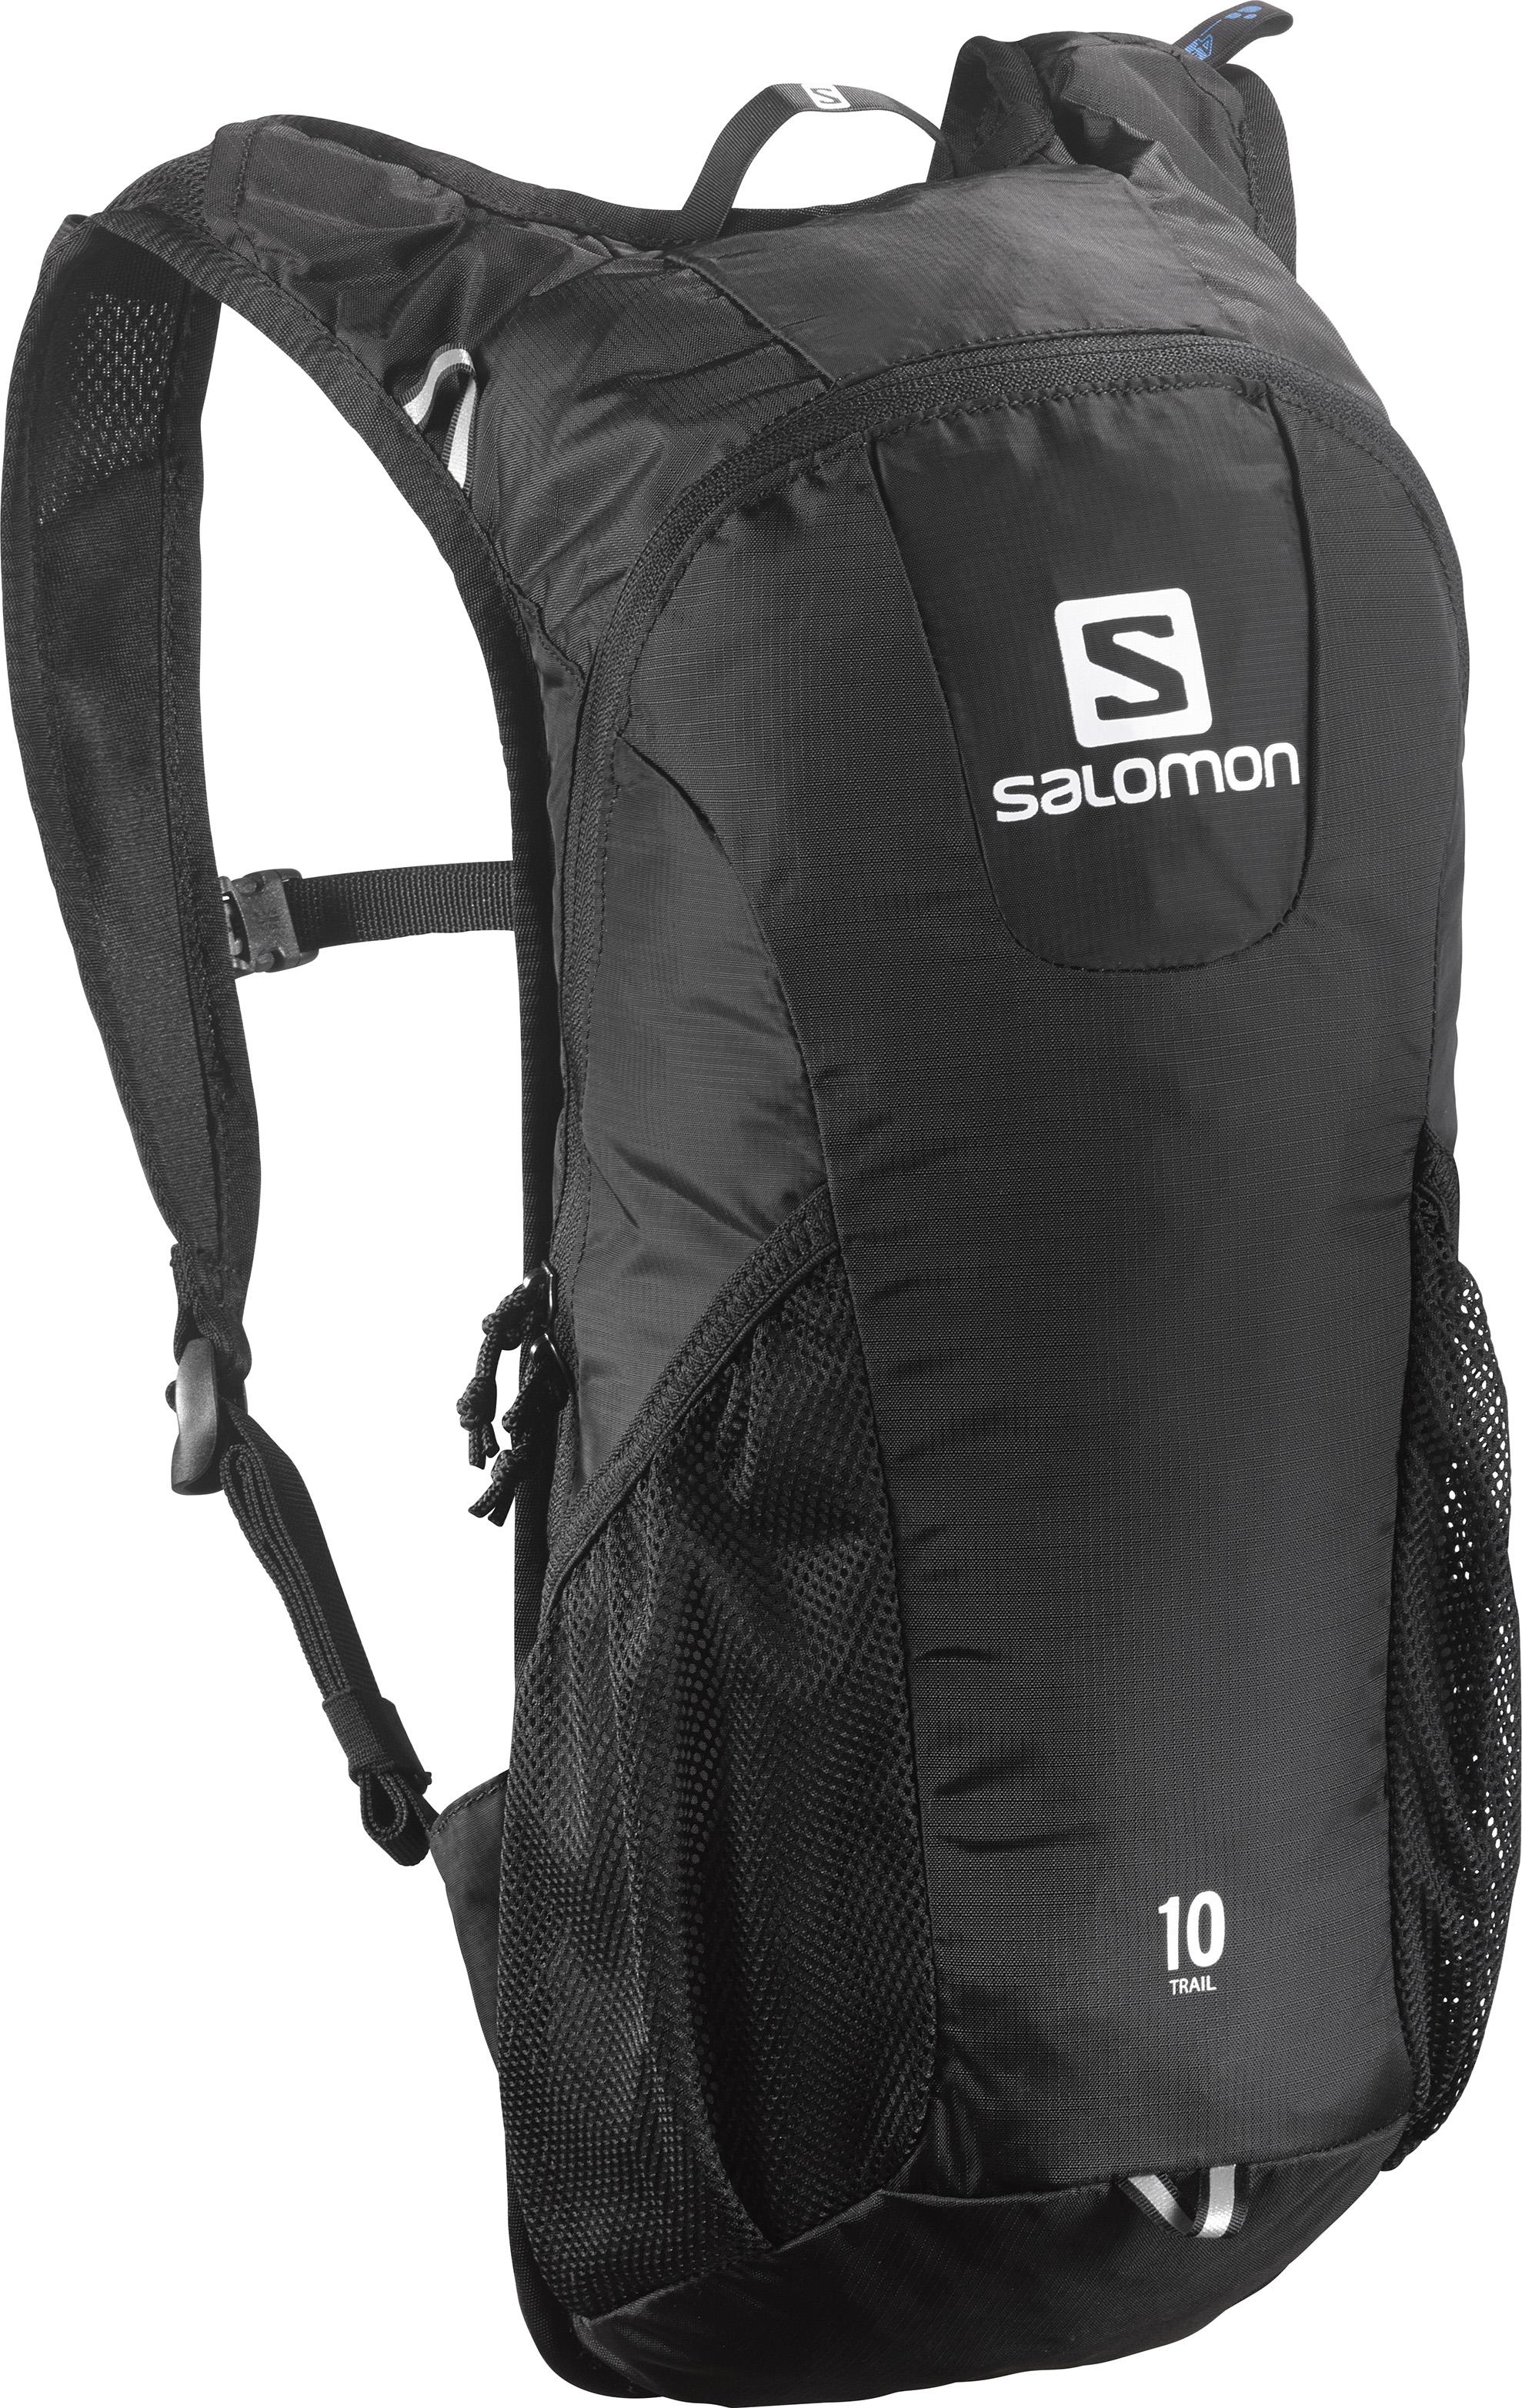 Рюкзак спортивный Salomon TRAIL 10, цвет: черный. L37997600L37997600Давно любимый бегунами рюкзак получил новый обтекаемый силуэт: Trail 10 сбалансированно распределяет нагрузку, прост в использовании, имеет удобное основное отделение и набедренные карманы на поясе. Идеально подходит для забегов средней длительности или однодневных походов по любому маршруту. Спинка Airvent AGILITY • Плечевые лямки из сетчатой ткани 3D Airmesh • Регулируемый пояс • 1 основное отделение • 2 боковых сетчатых кармана • Система дополнительной подвески • Светоотражающие элементы • Отделение для гидратора с системой фиксации